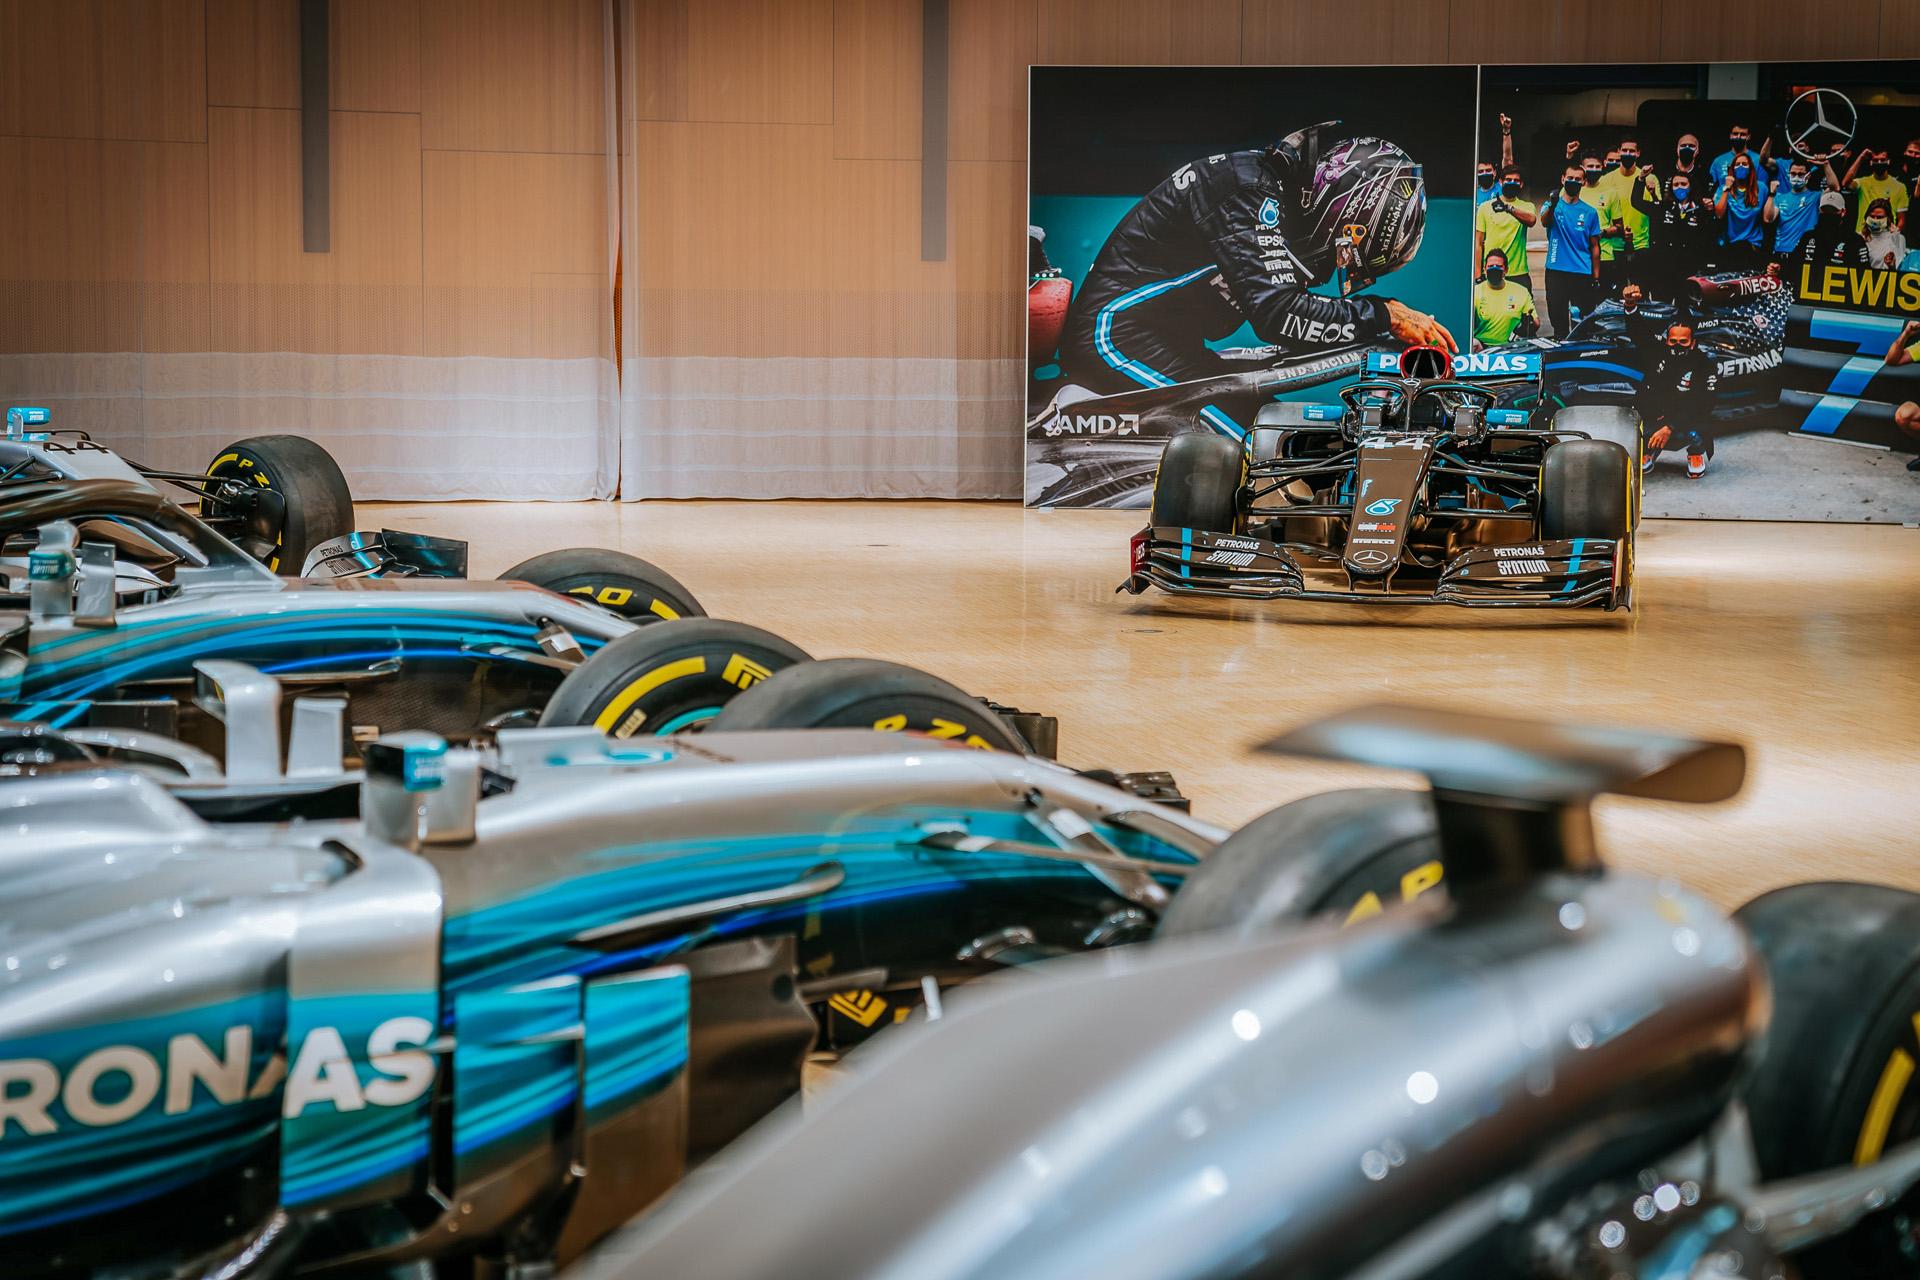 Mercedes-Benz Museum, Sonderpräsentation im Großen Saal auf der Eingangsebene mit allen Formel-1-Rennwagen des Mercedes-AMG Petronas Formula One Teams von 2014 bis 2020. Im Hintergrund der Mercedes-AMG F1 W11 EQ Performance aus dem Jahr 2020. Die Sonderpräsentation ist zu sehen vom 1. Juni bis 25. Juli 2021